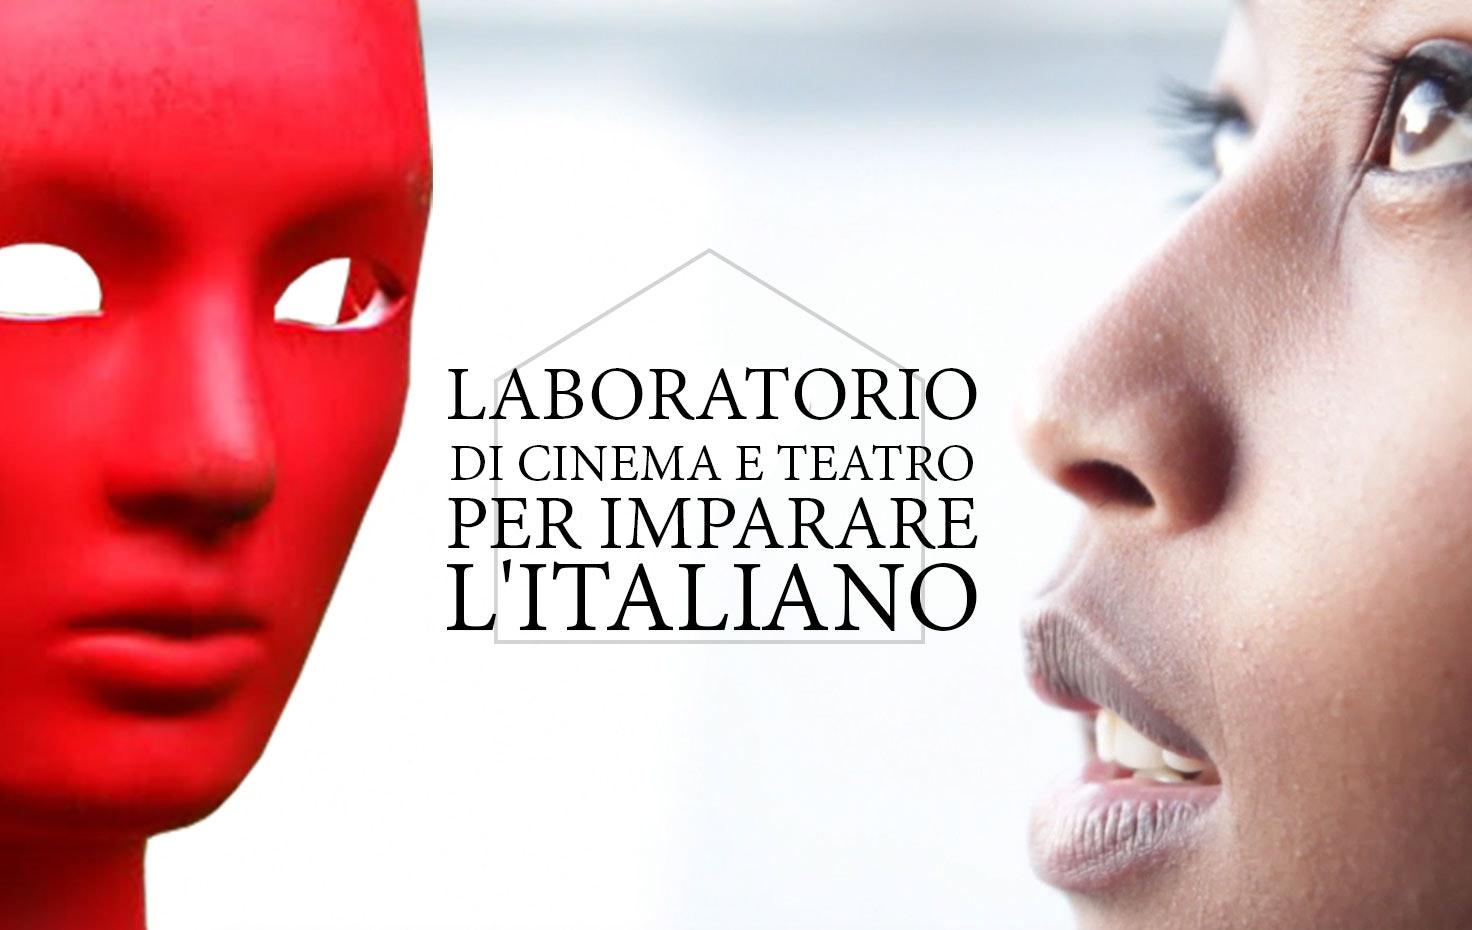 LABORATORIO DI CINEMA E TEATRO PER IMPARARE L'ITALIANO